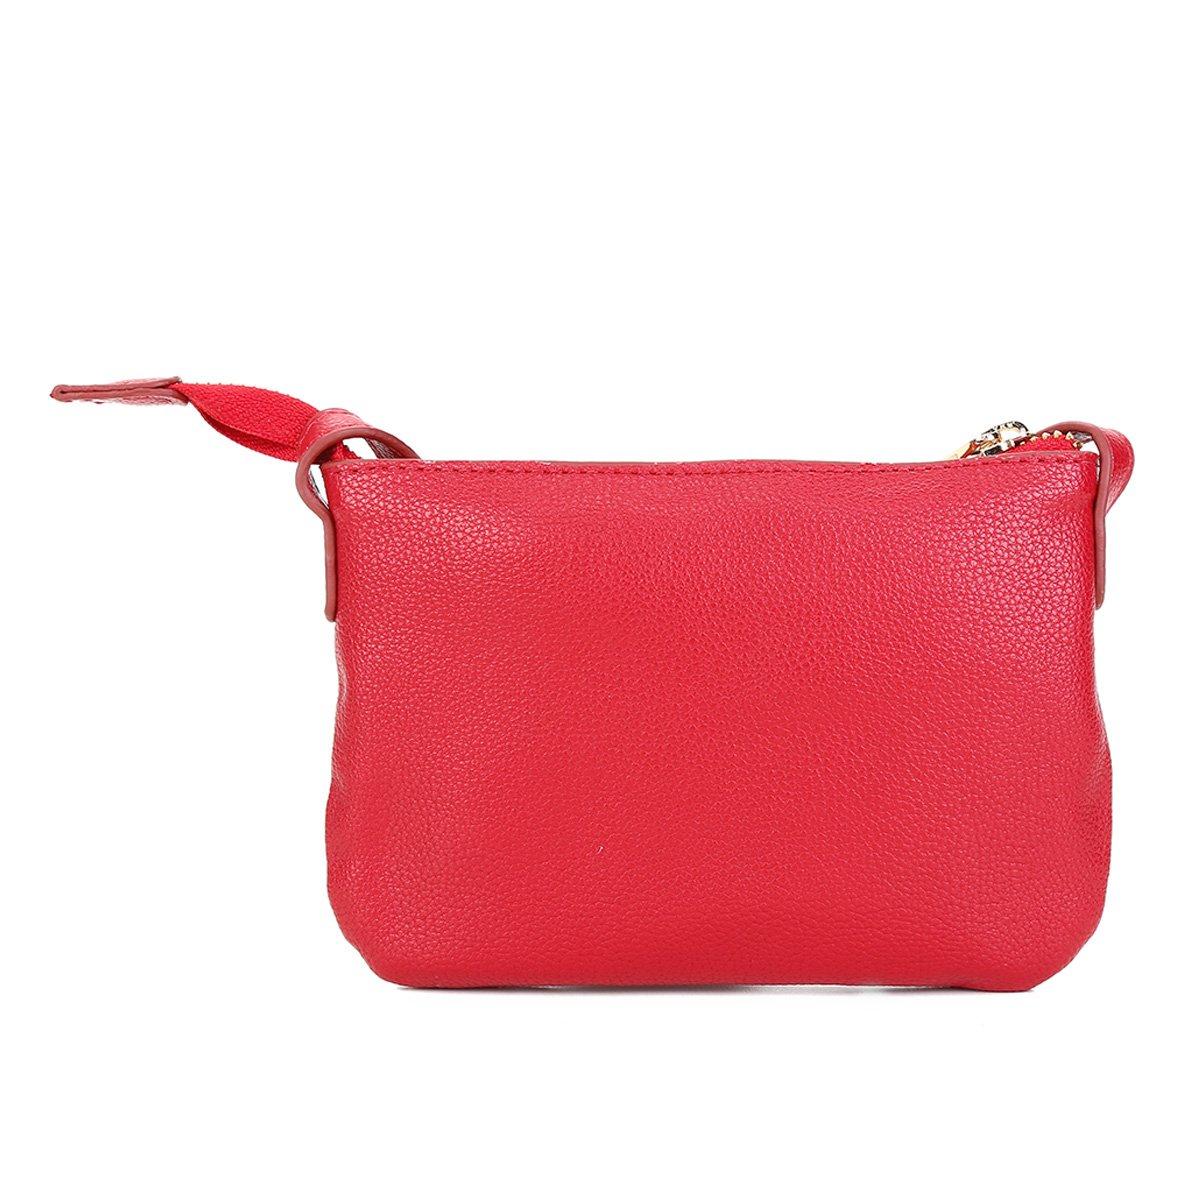 Bolsa Loucos & Santos Mini Bag Básica Plaquinha Feminina - Vermelho